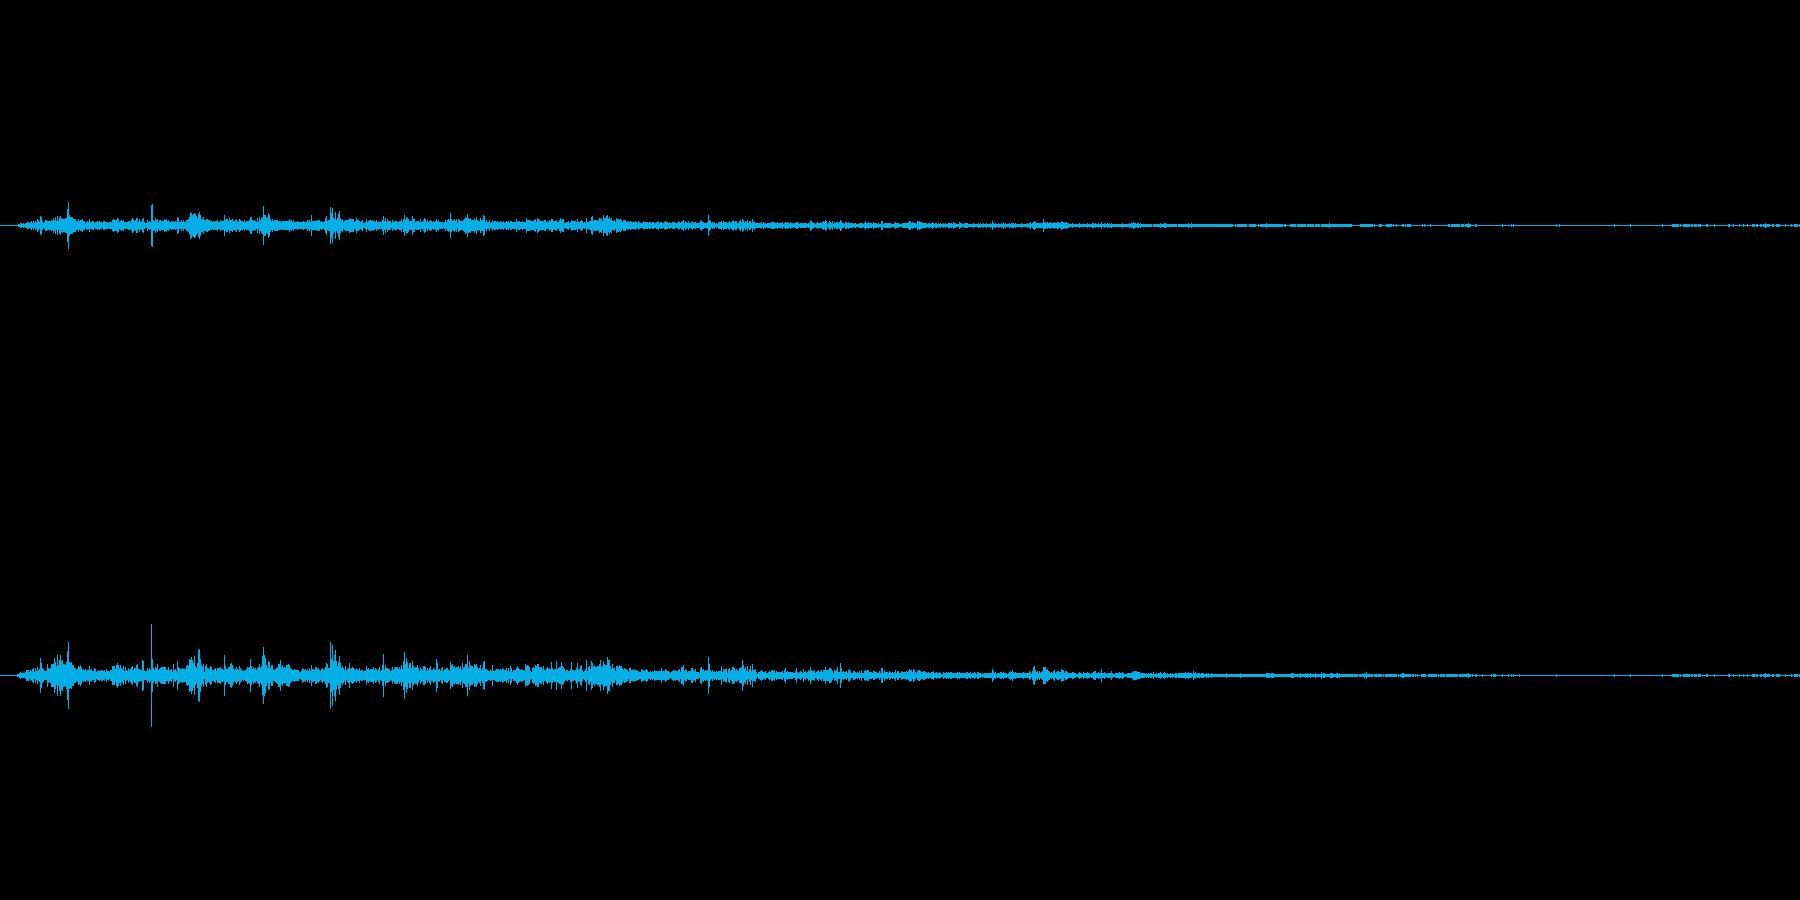 コウモリ達の羽ばたき音1の再生済みの波形